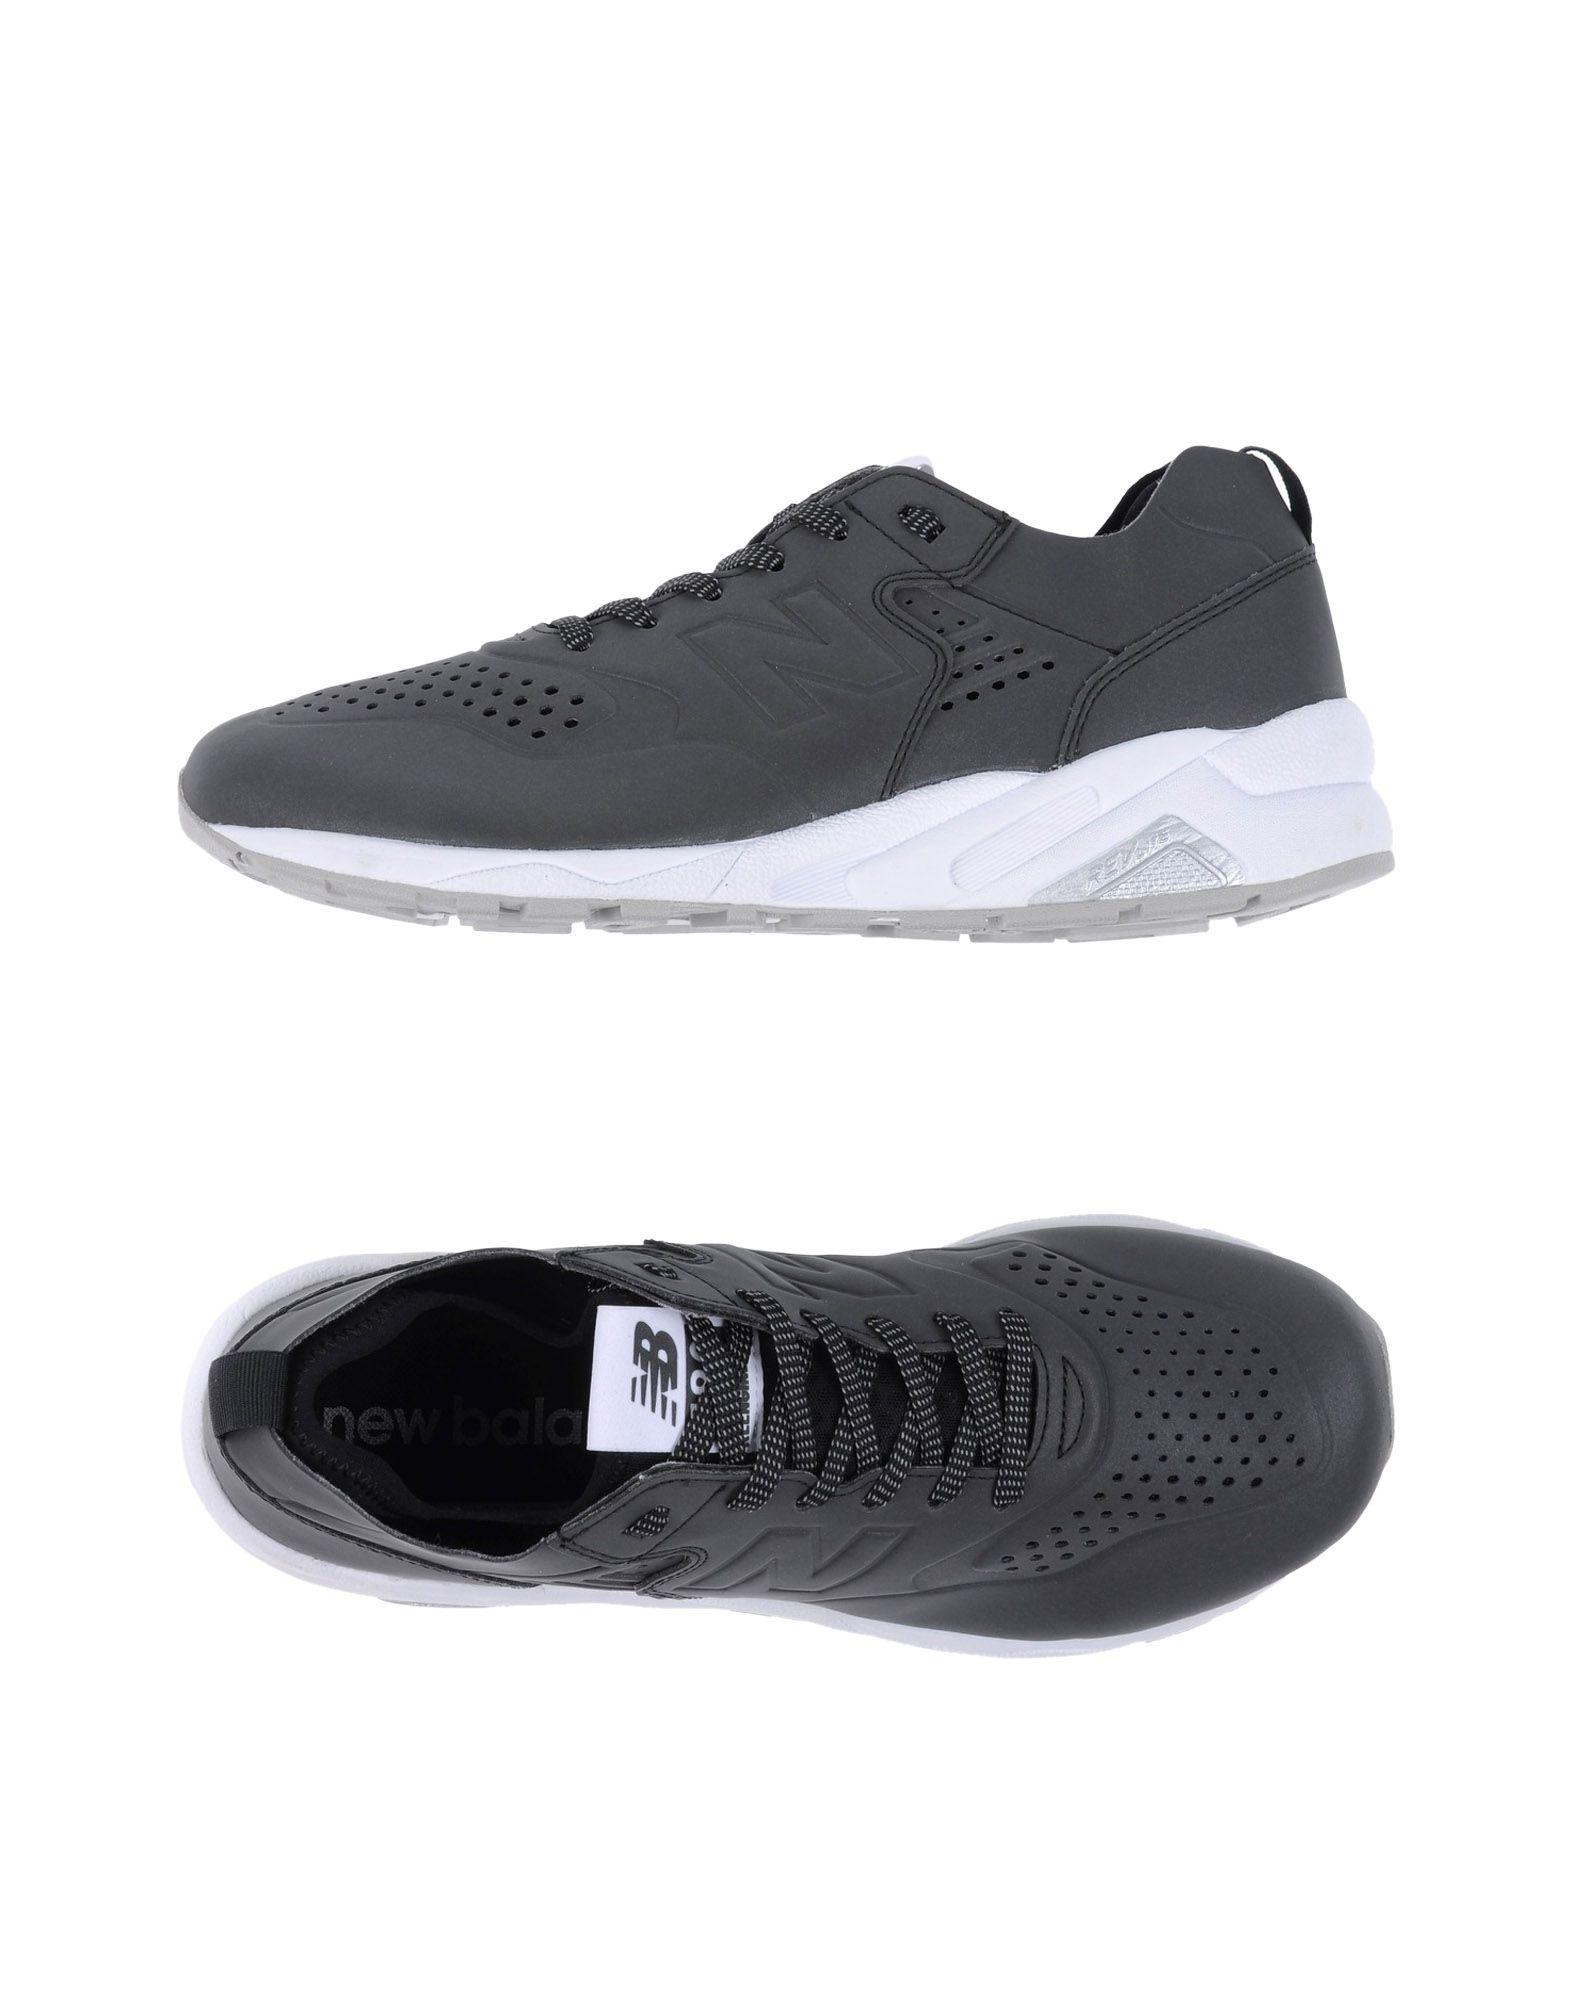 Sneakers New Balance 580 Hybrid Seasonal Colors - Homme - Sneakers New Balance  Gris Meilleur modèle de vente